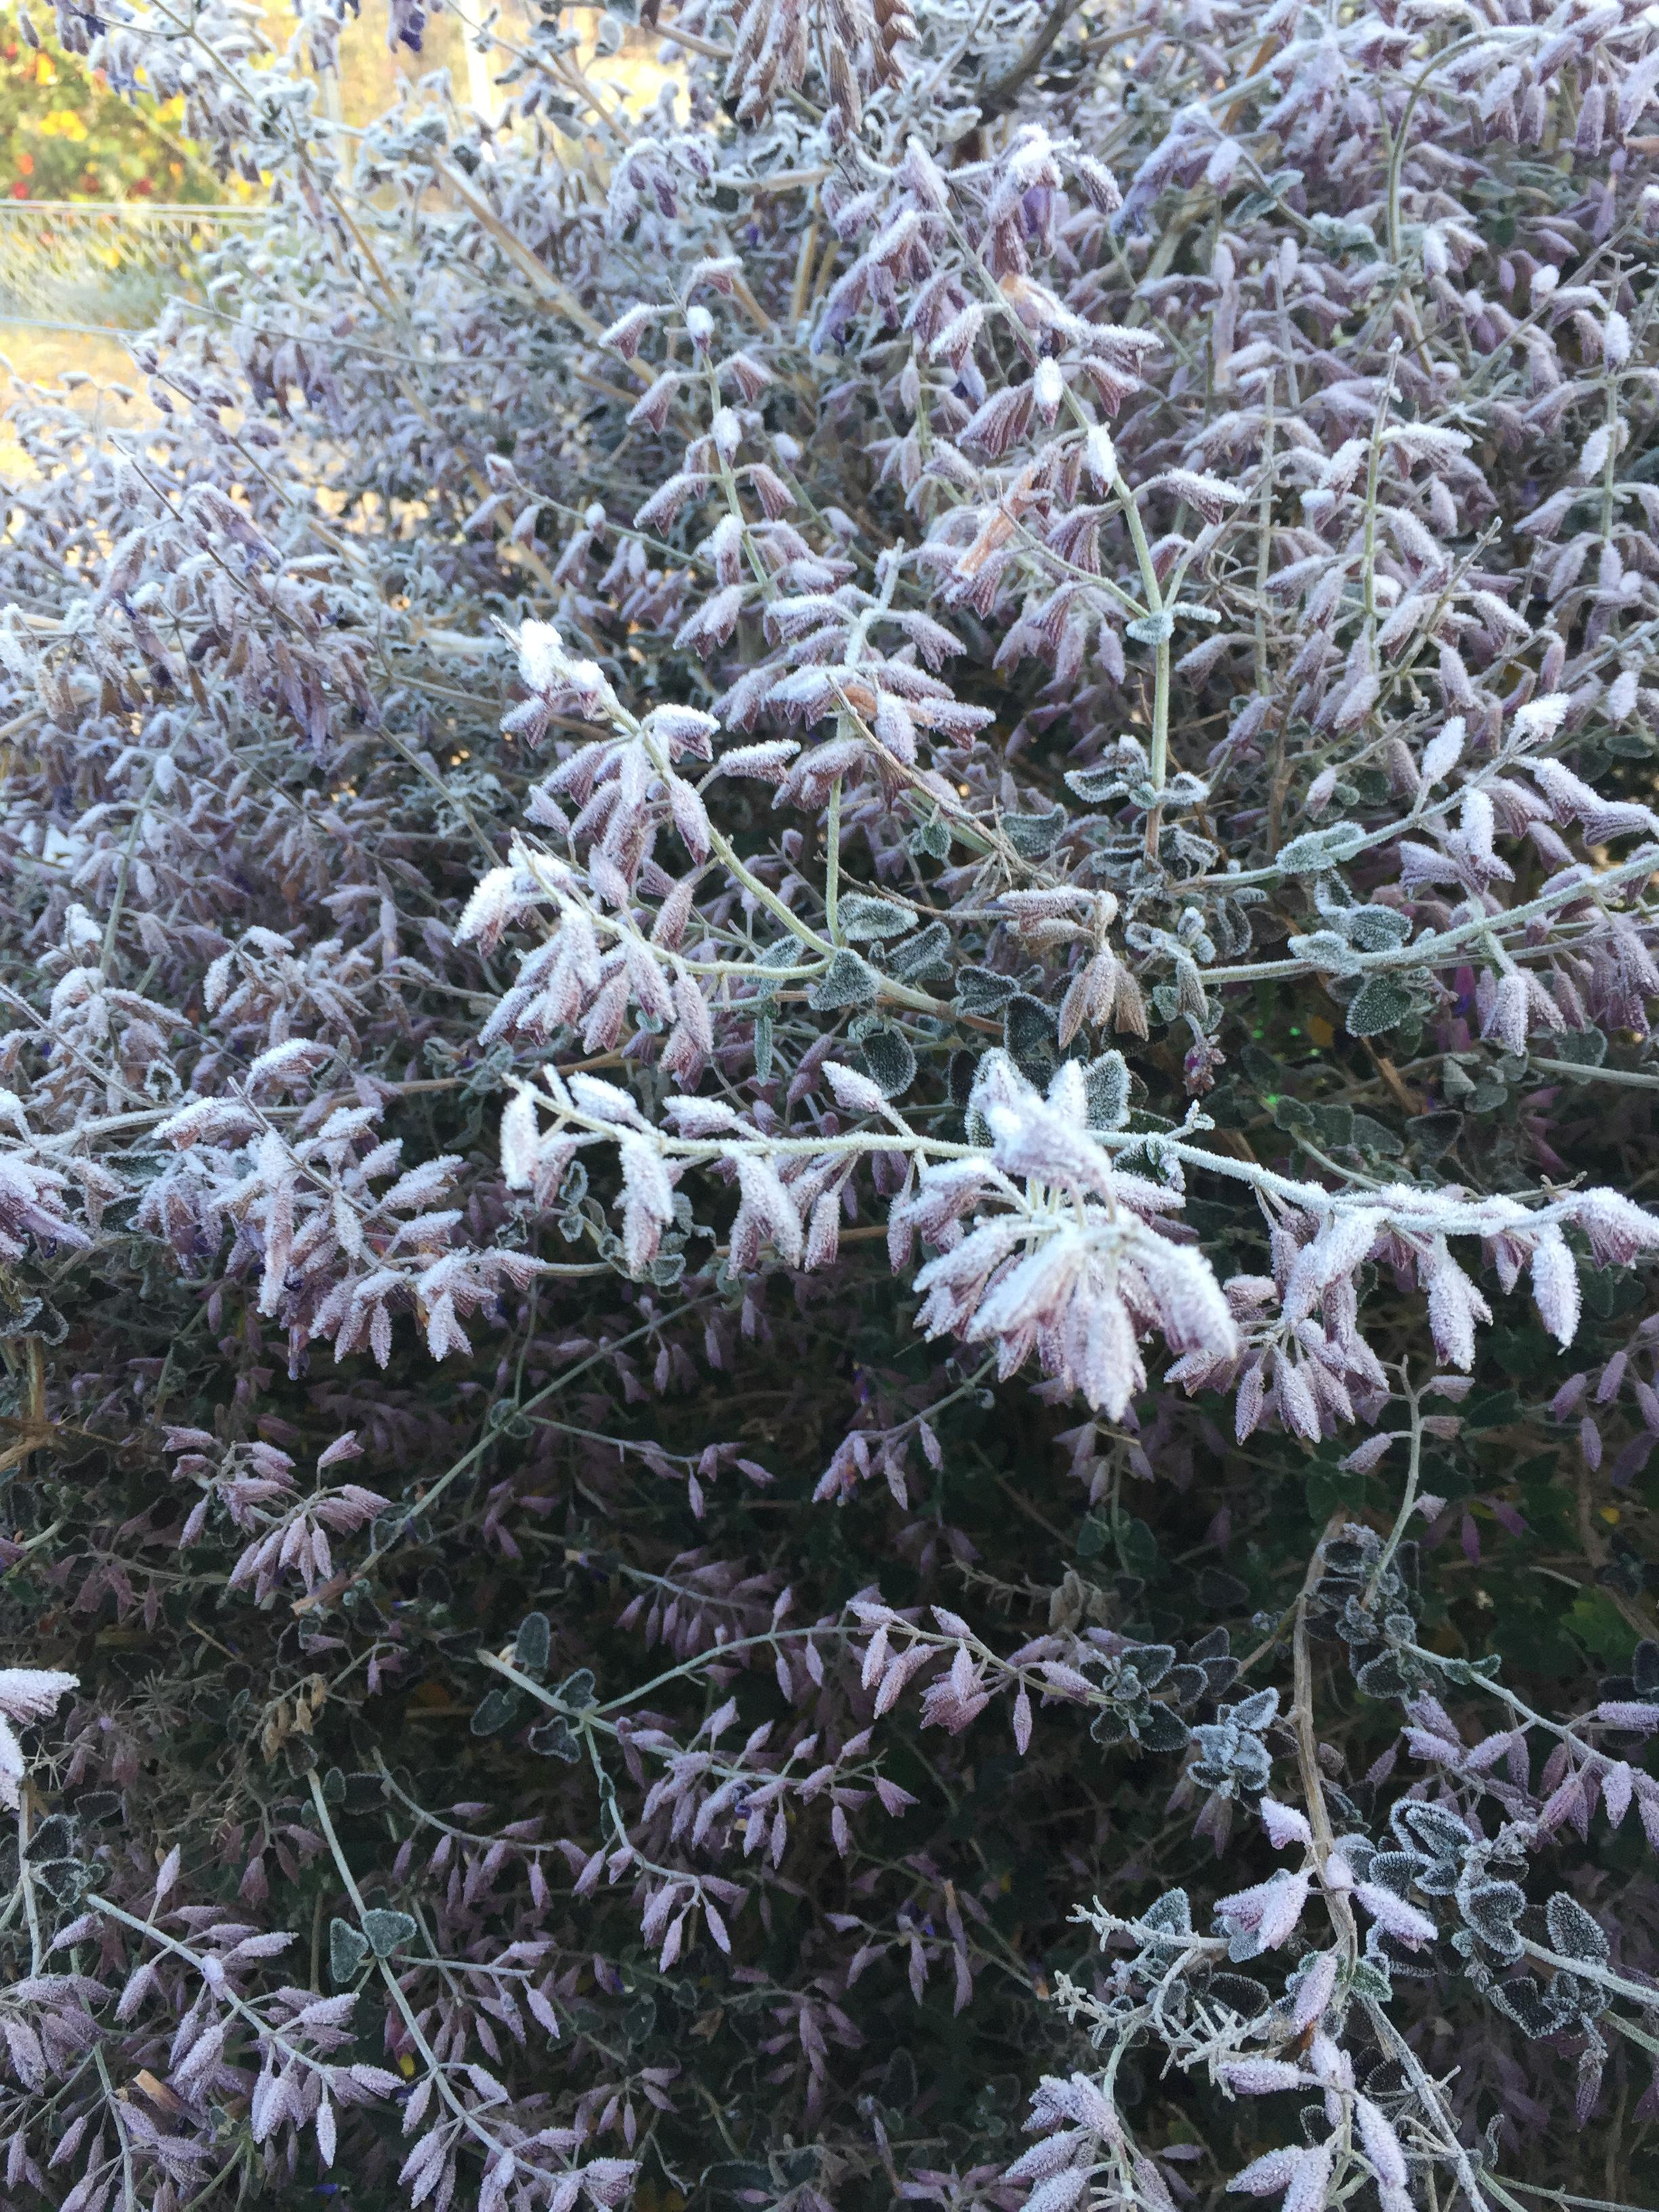 Purple herb gone white